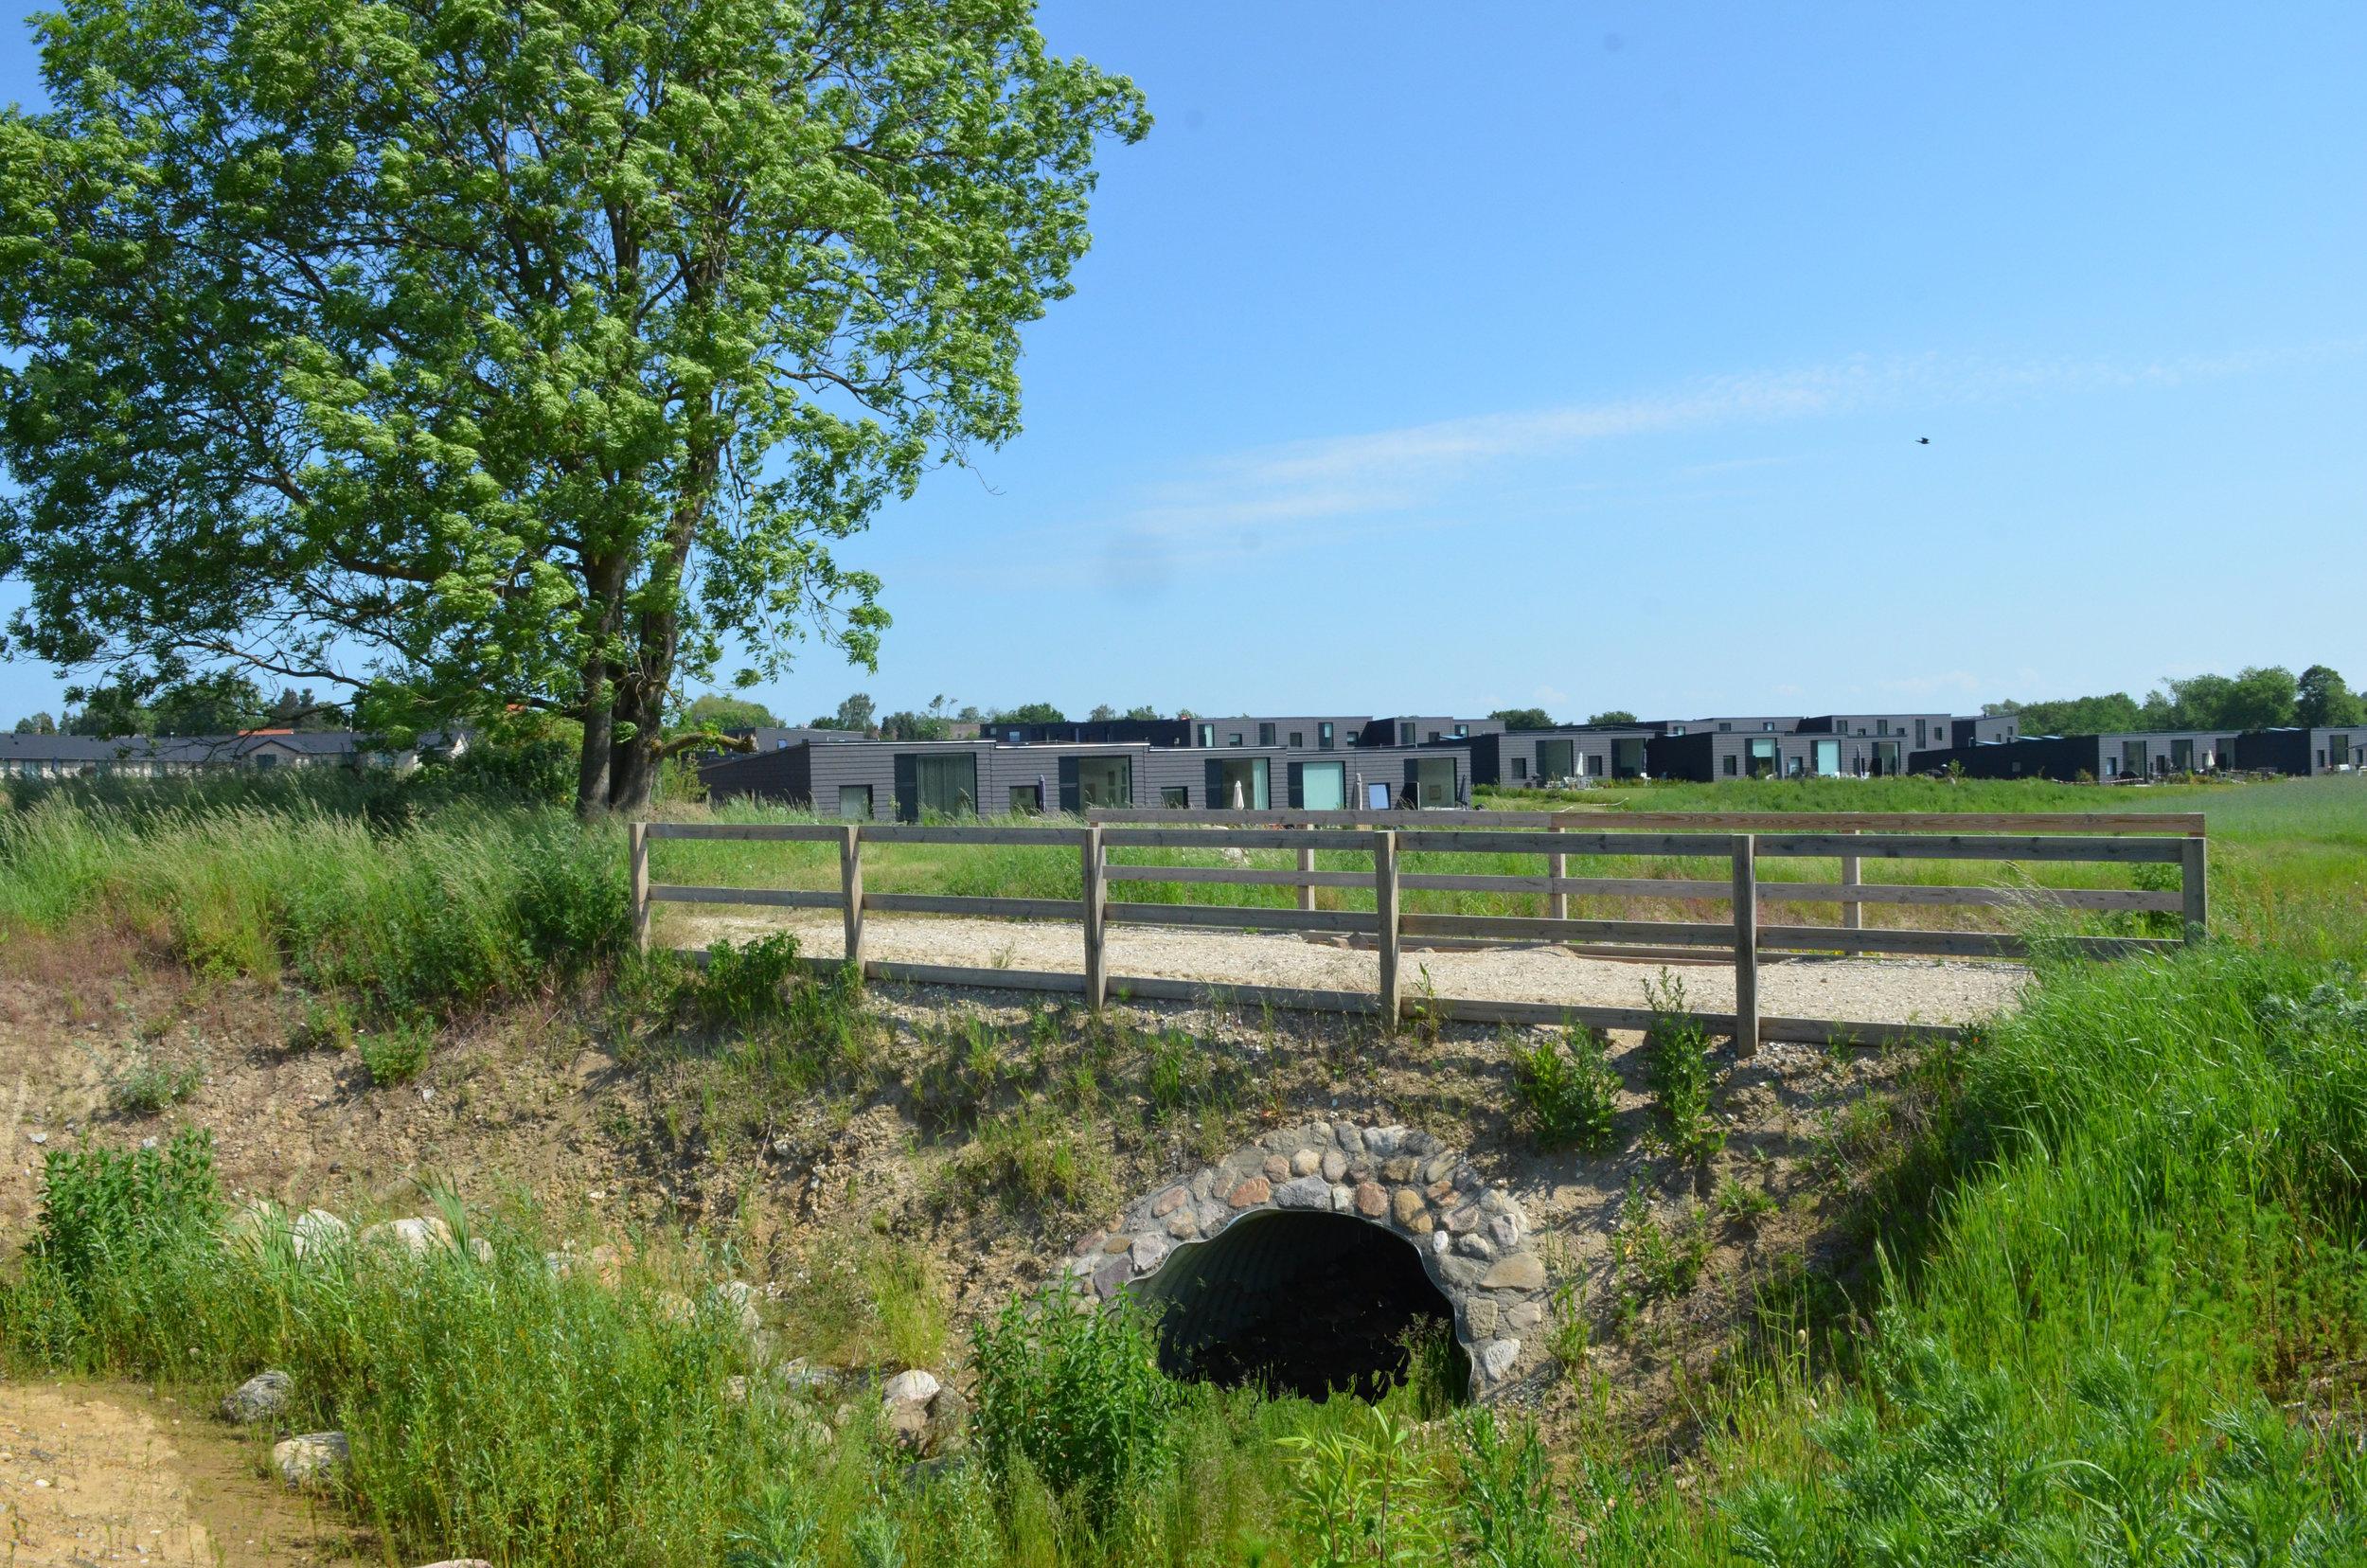 Den nye Kirkesti vil blive ført over et regnvandsløb med en nyetableret bro. Foto: AOB